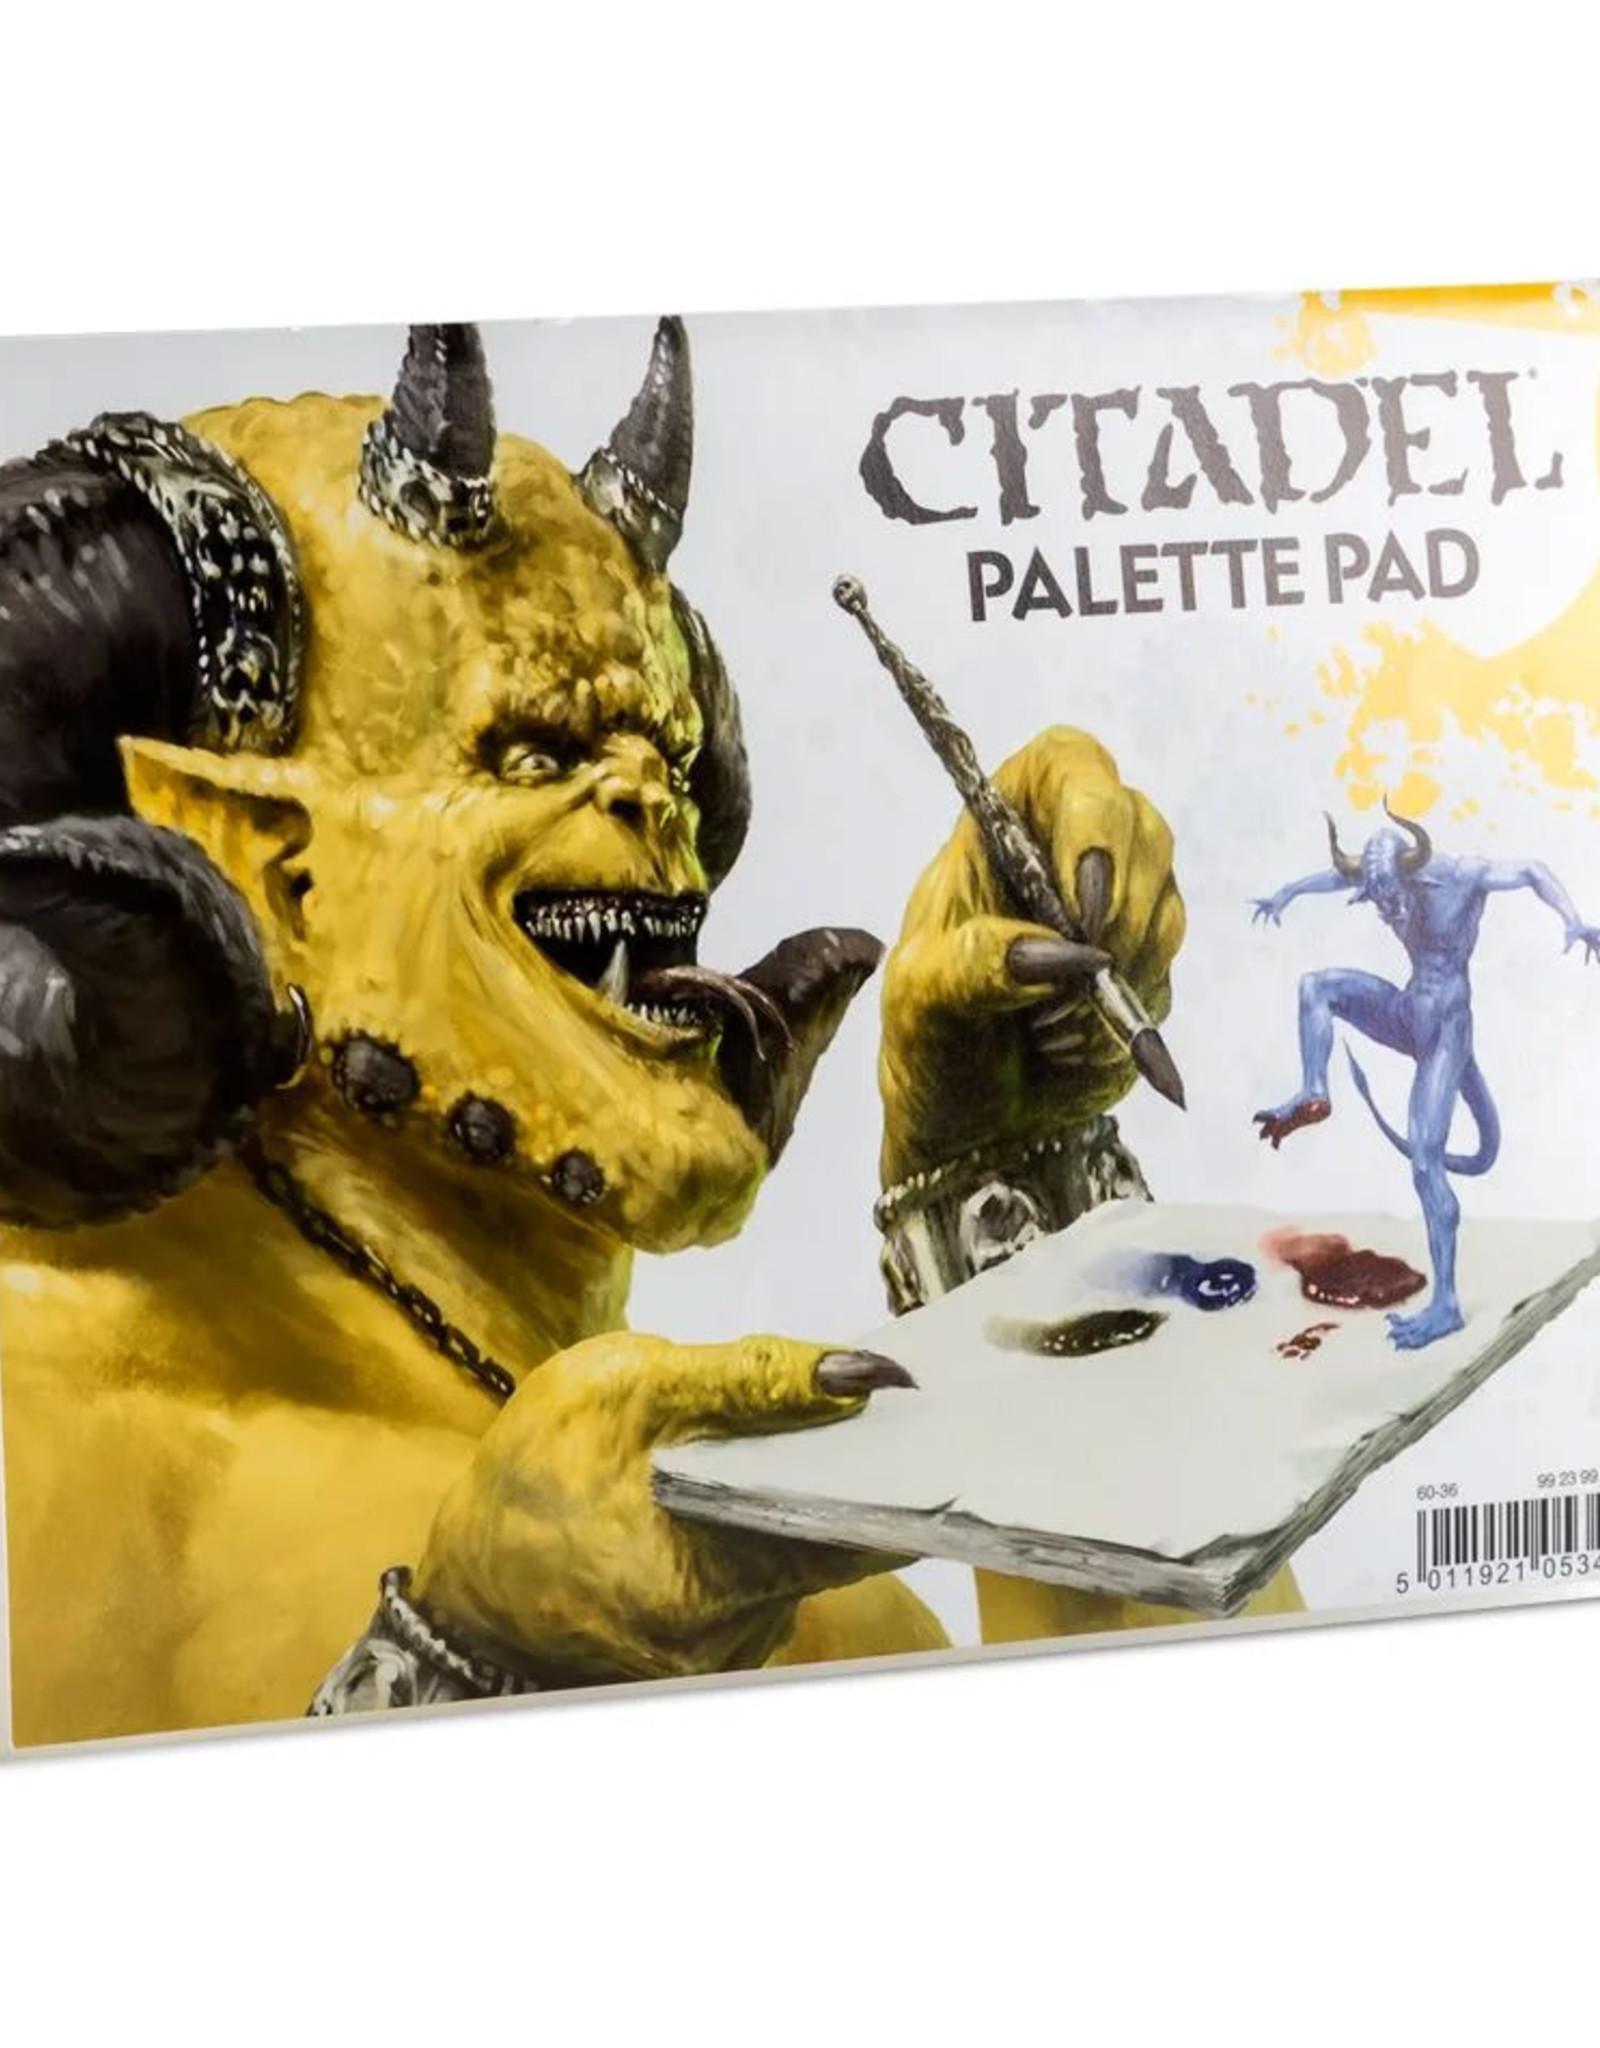 Games Workshop Citadel:  Palette Pad